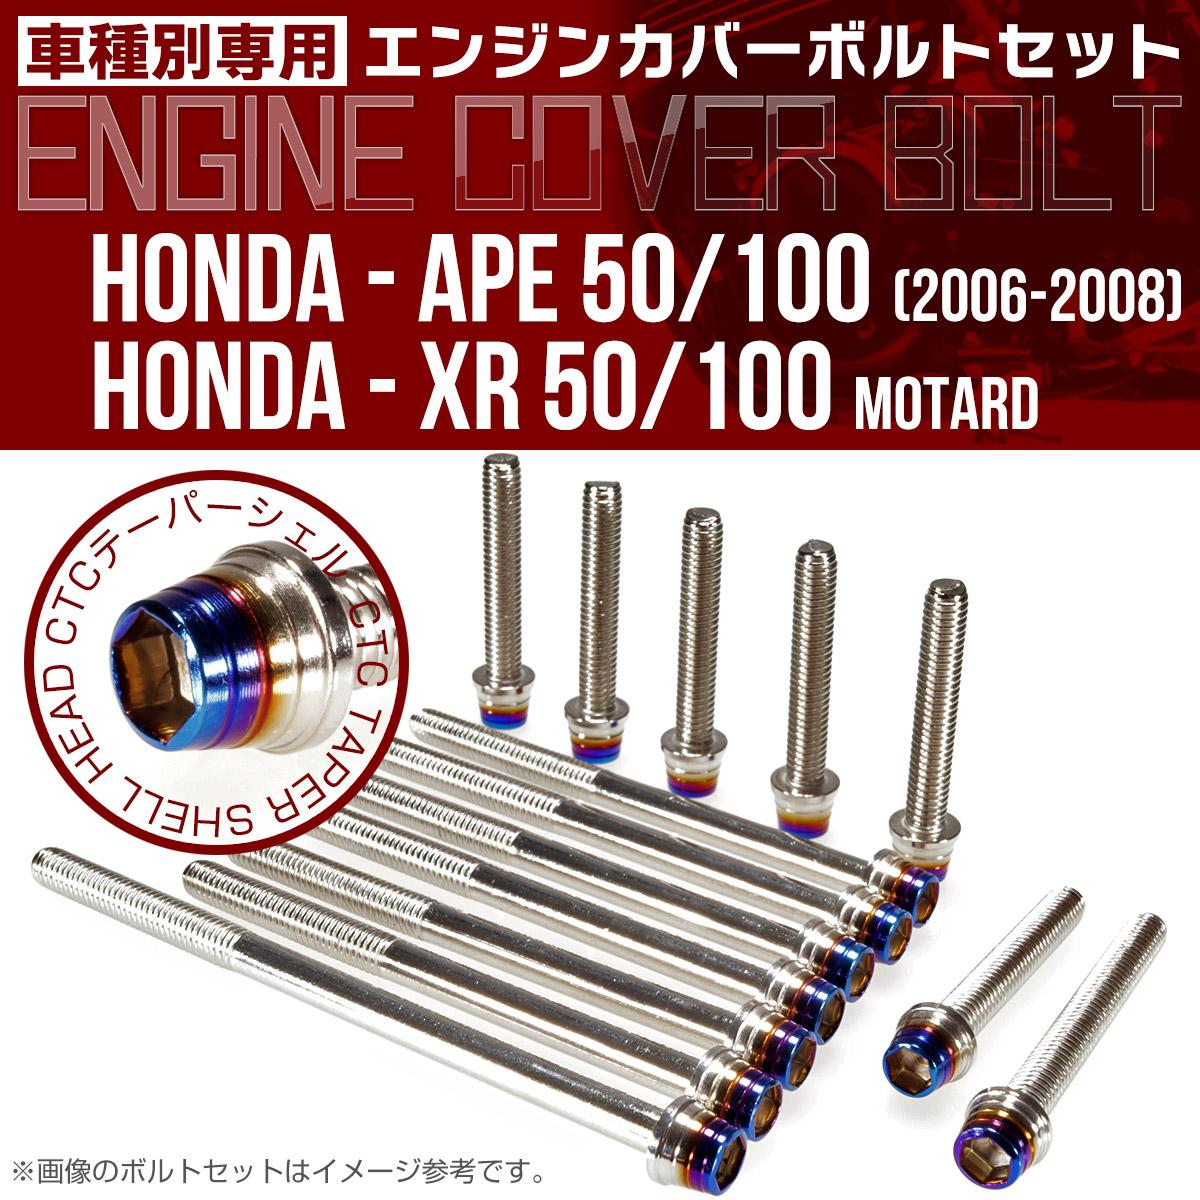 エイプ XR モタード  50 100 エンジンカバーボルト 14本set CTCテーパーシェルヘッド 銀&焼チタン TB6186